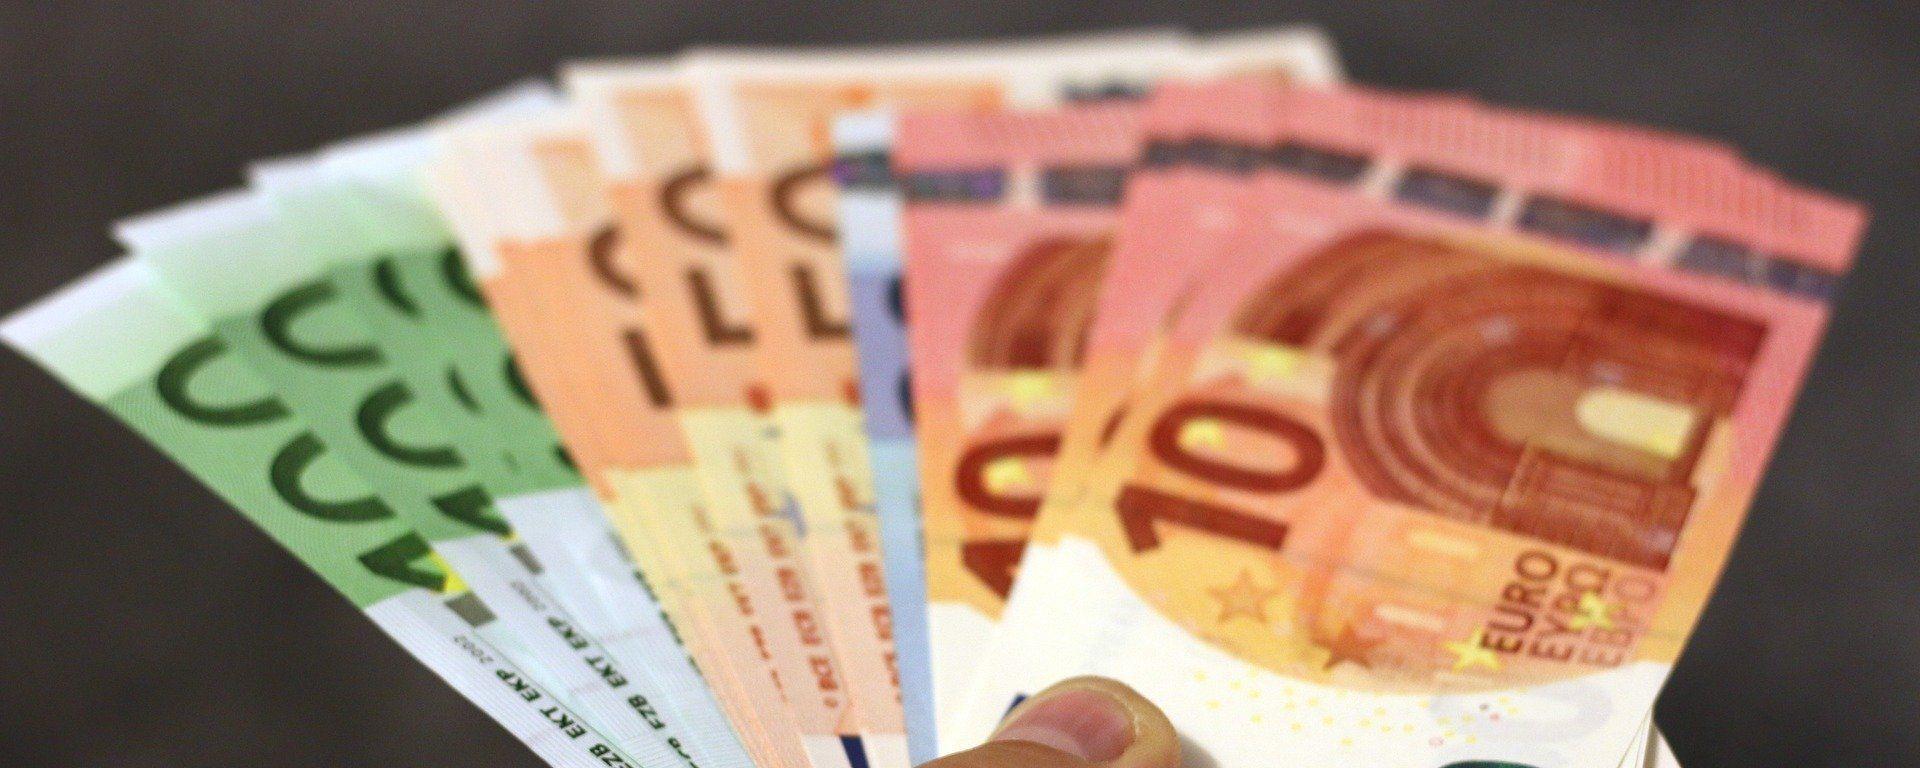 Billetes de dinero en euros - Sputnik Mundo, 1920, 17.08.2021